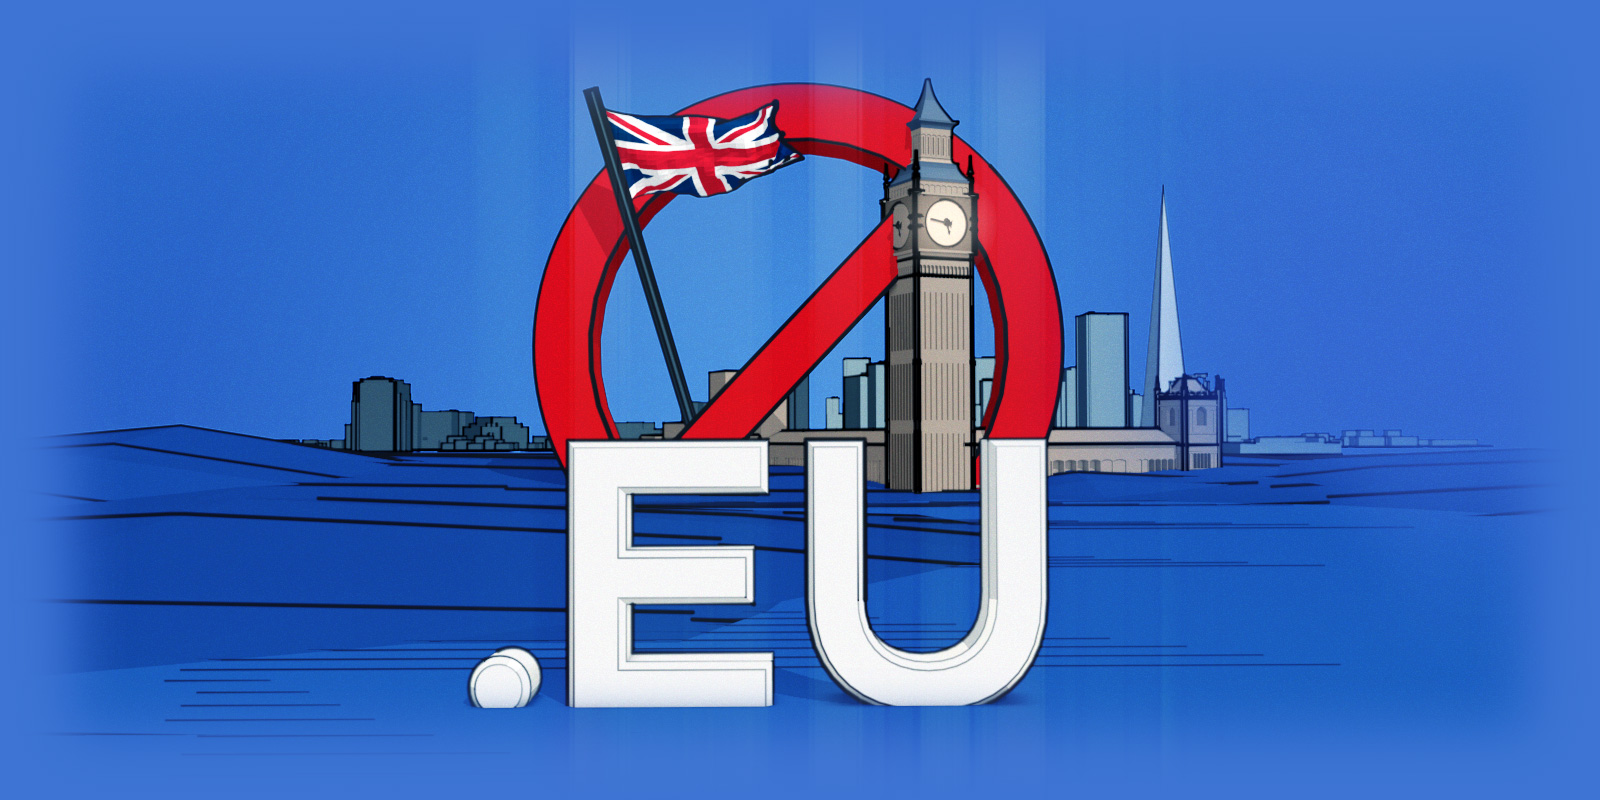 英國脫歐 : 確保您的 .eu 域名的連續性